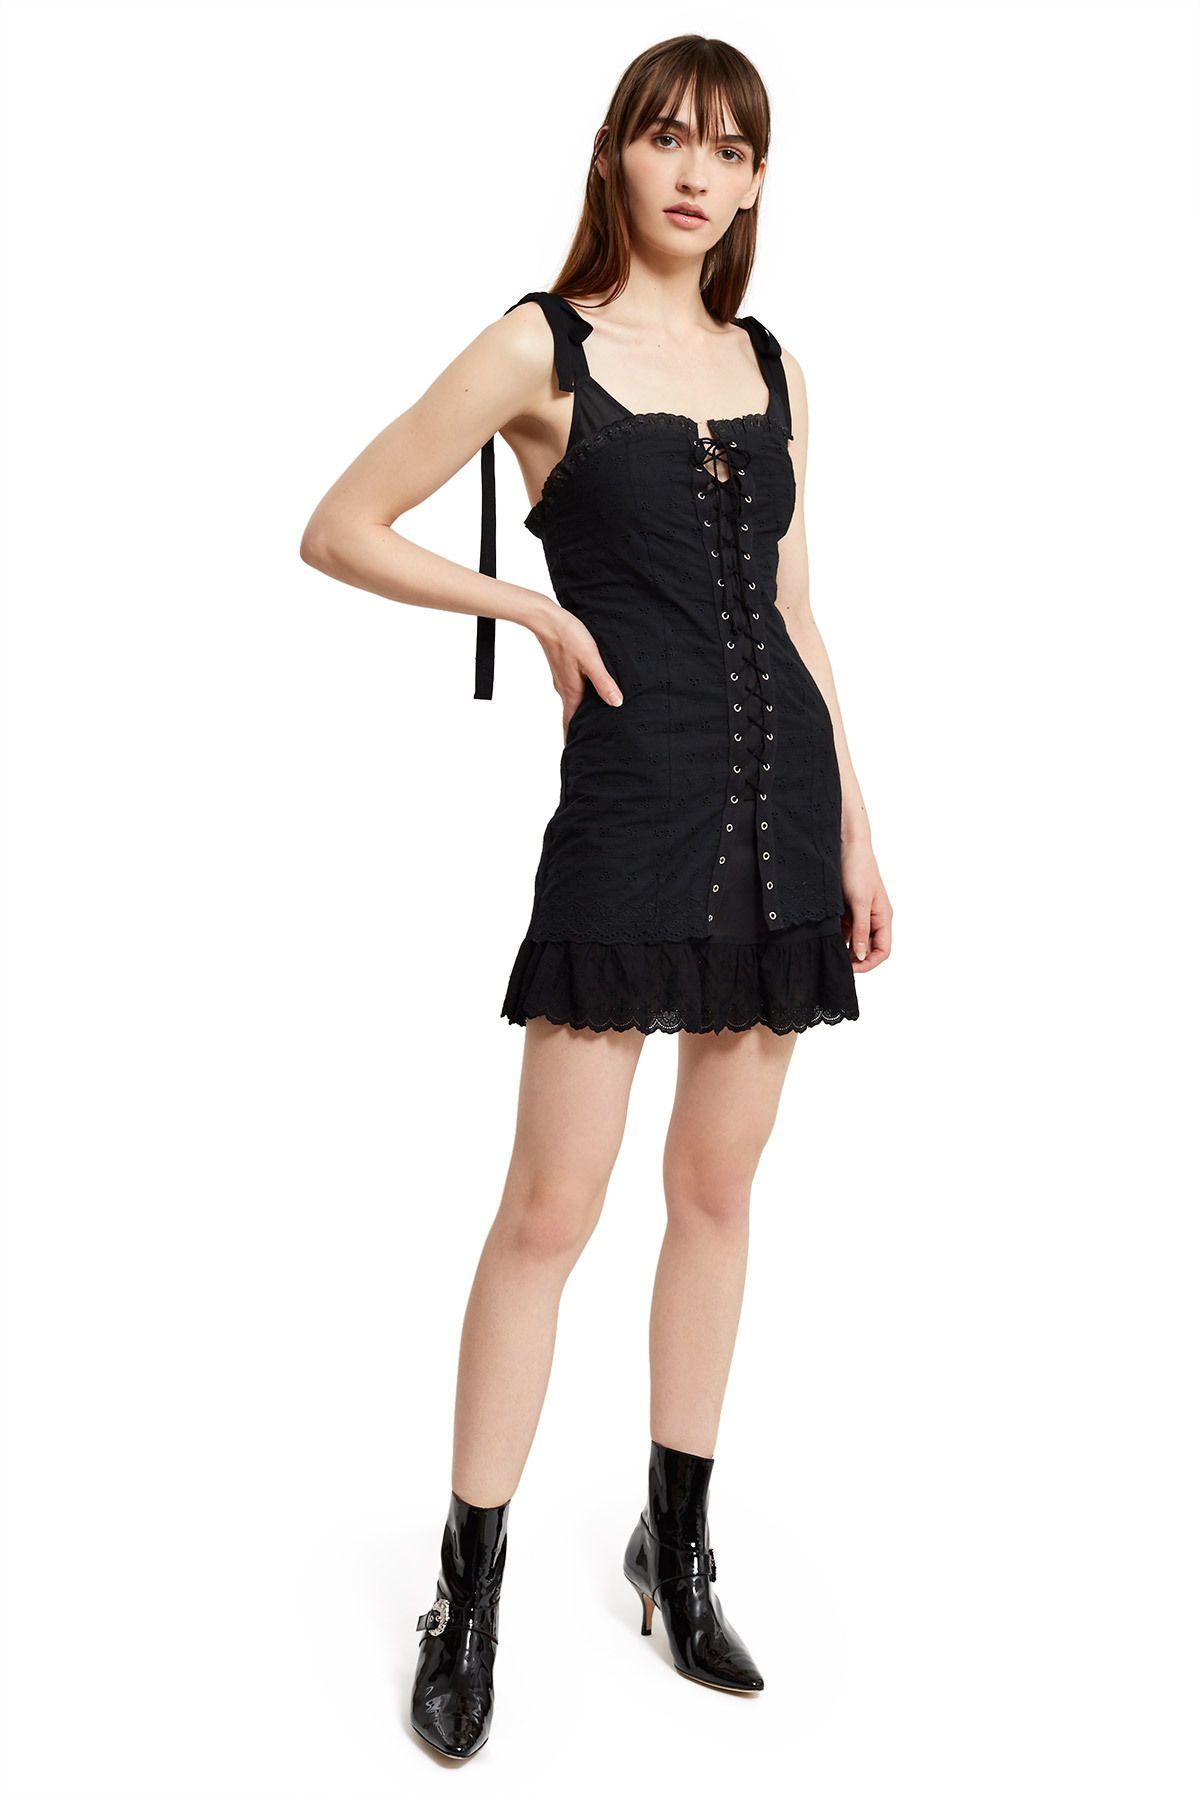 Under dress lace up corset